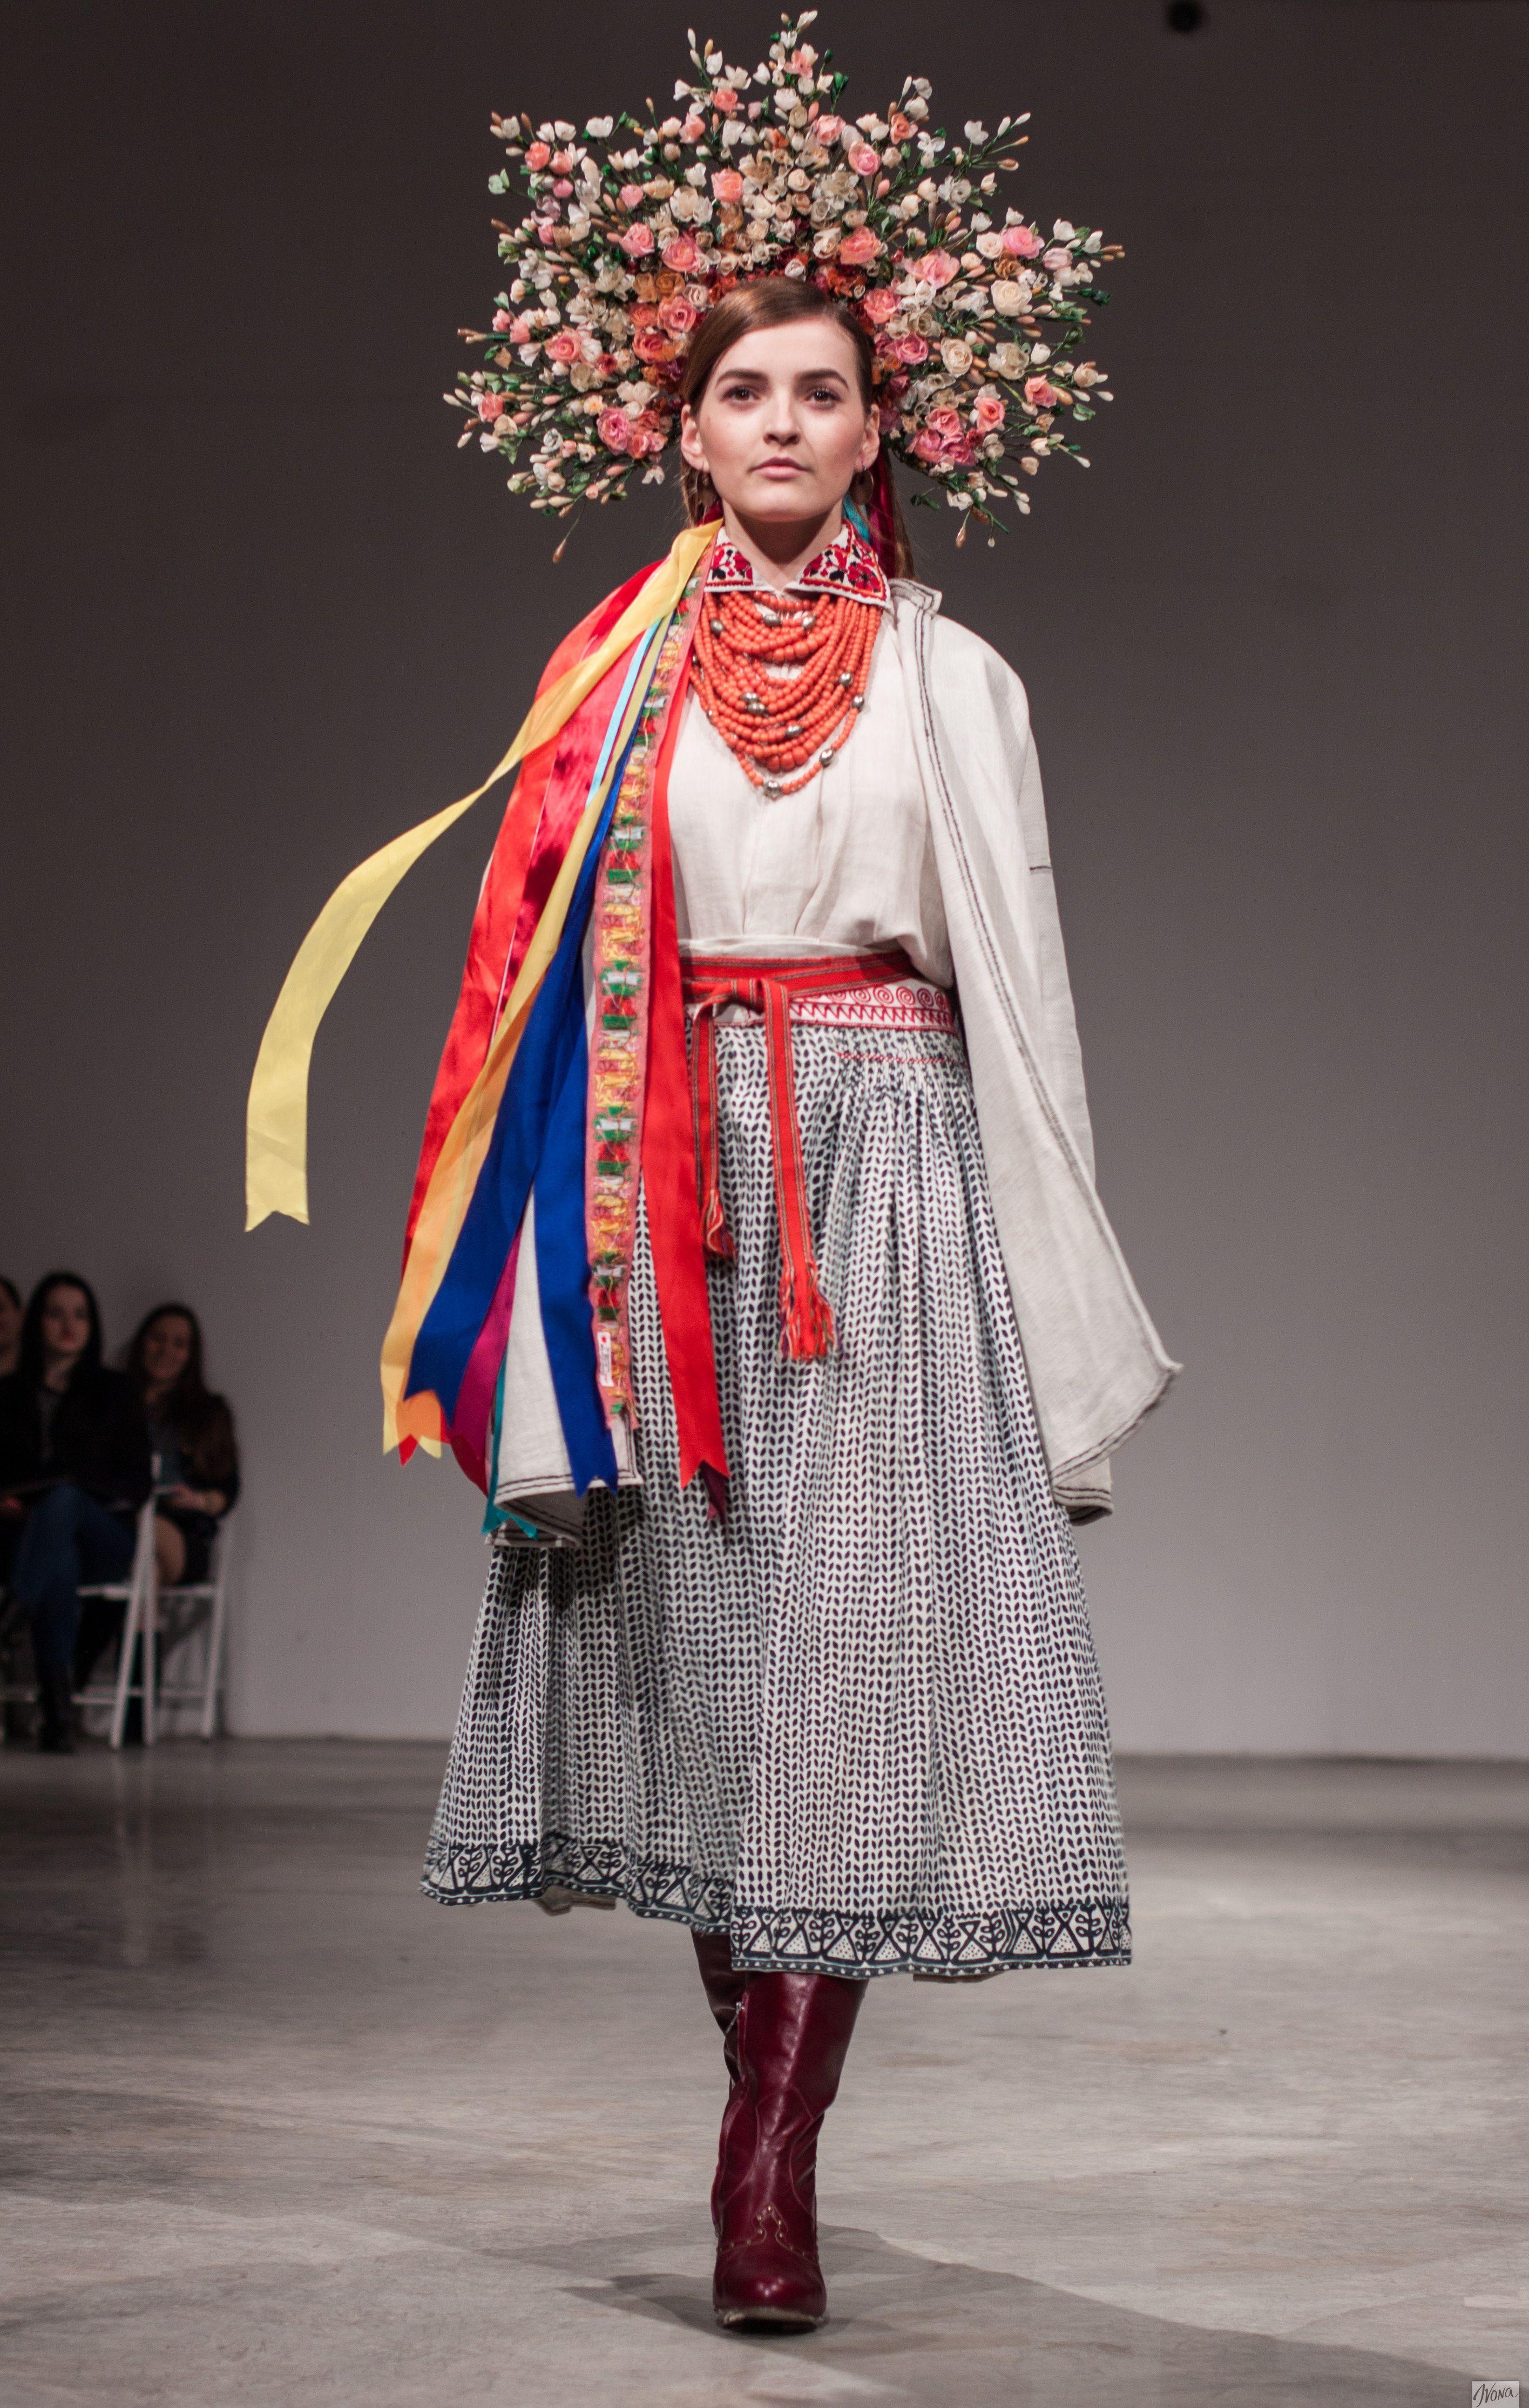 украинские дизайнеры картинки самых